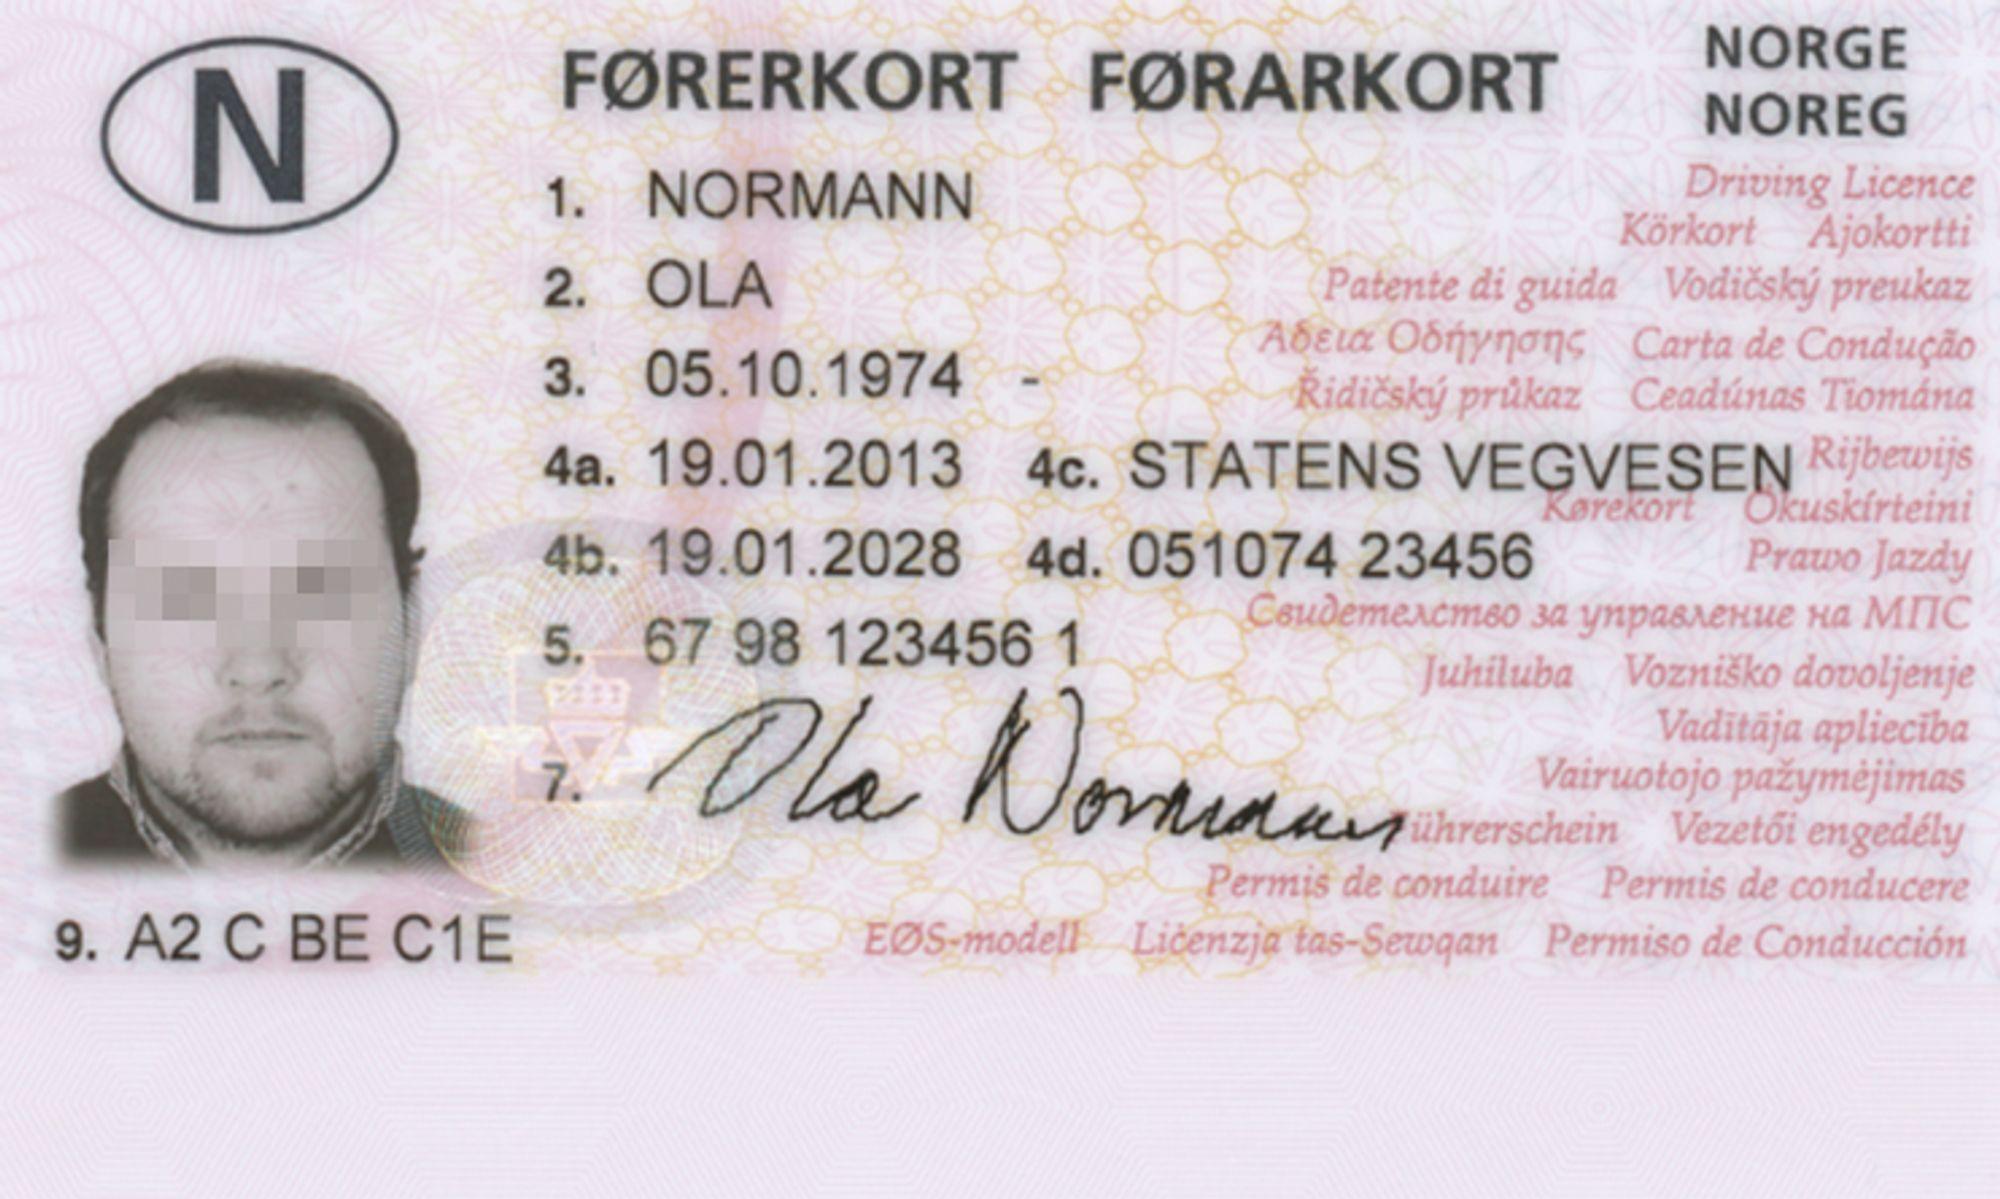 Statens vegvesen førerkort app